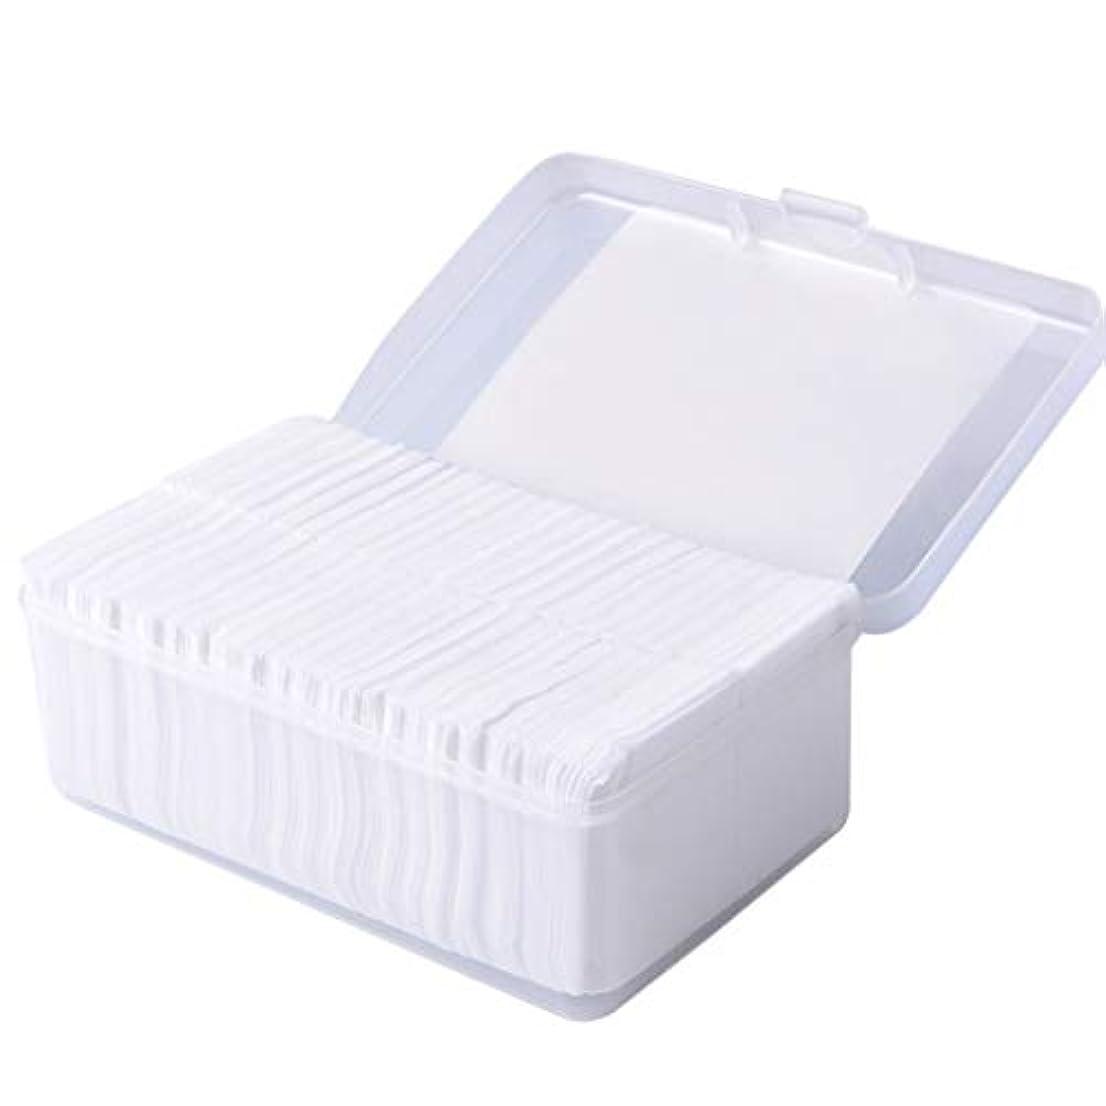 その粉砕する専らクレンジングシート 1000ピースコットンパッド化粧コットンワイプソフトメイク落としパッドフェイシャルクレンジングペーパーワイプスキンケアリムーバー (Color : White)